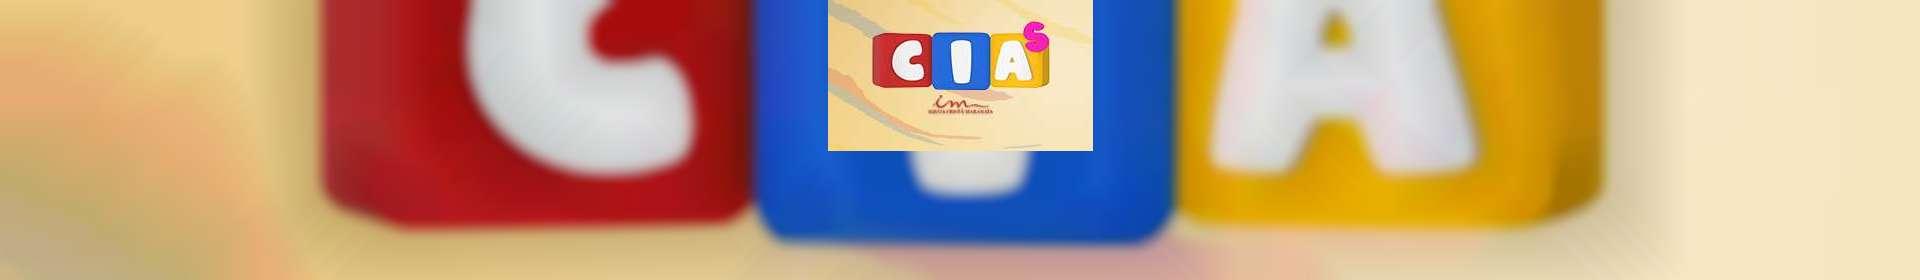 Aula de CIAS: classe de 07 a 11 anos - 04 de junho de 2020